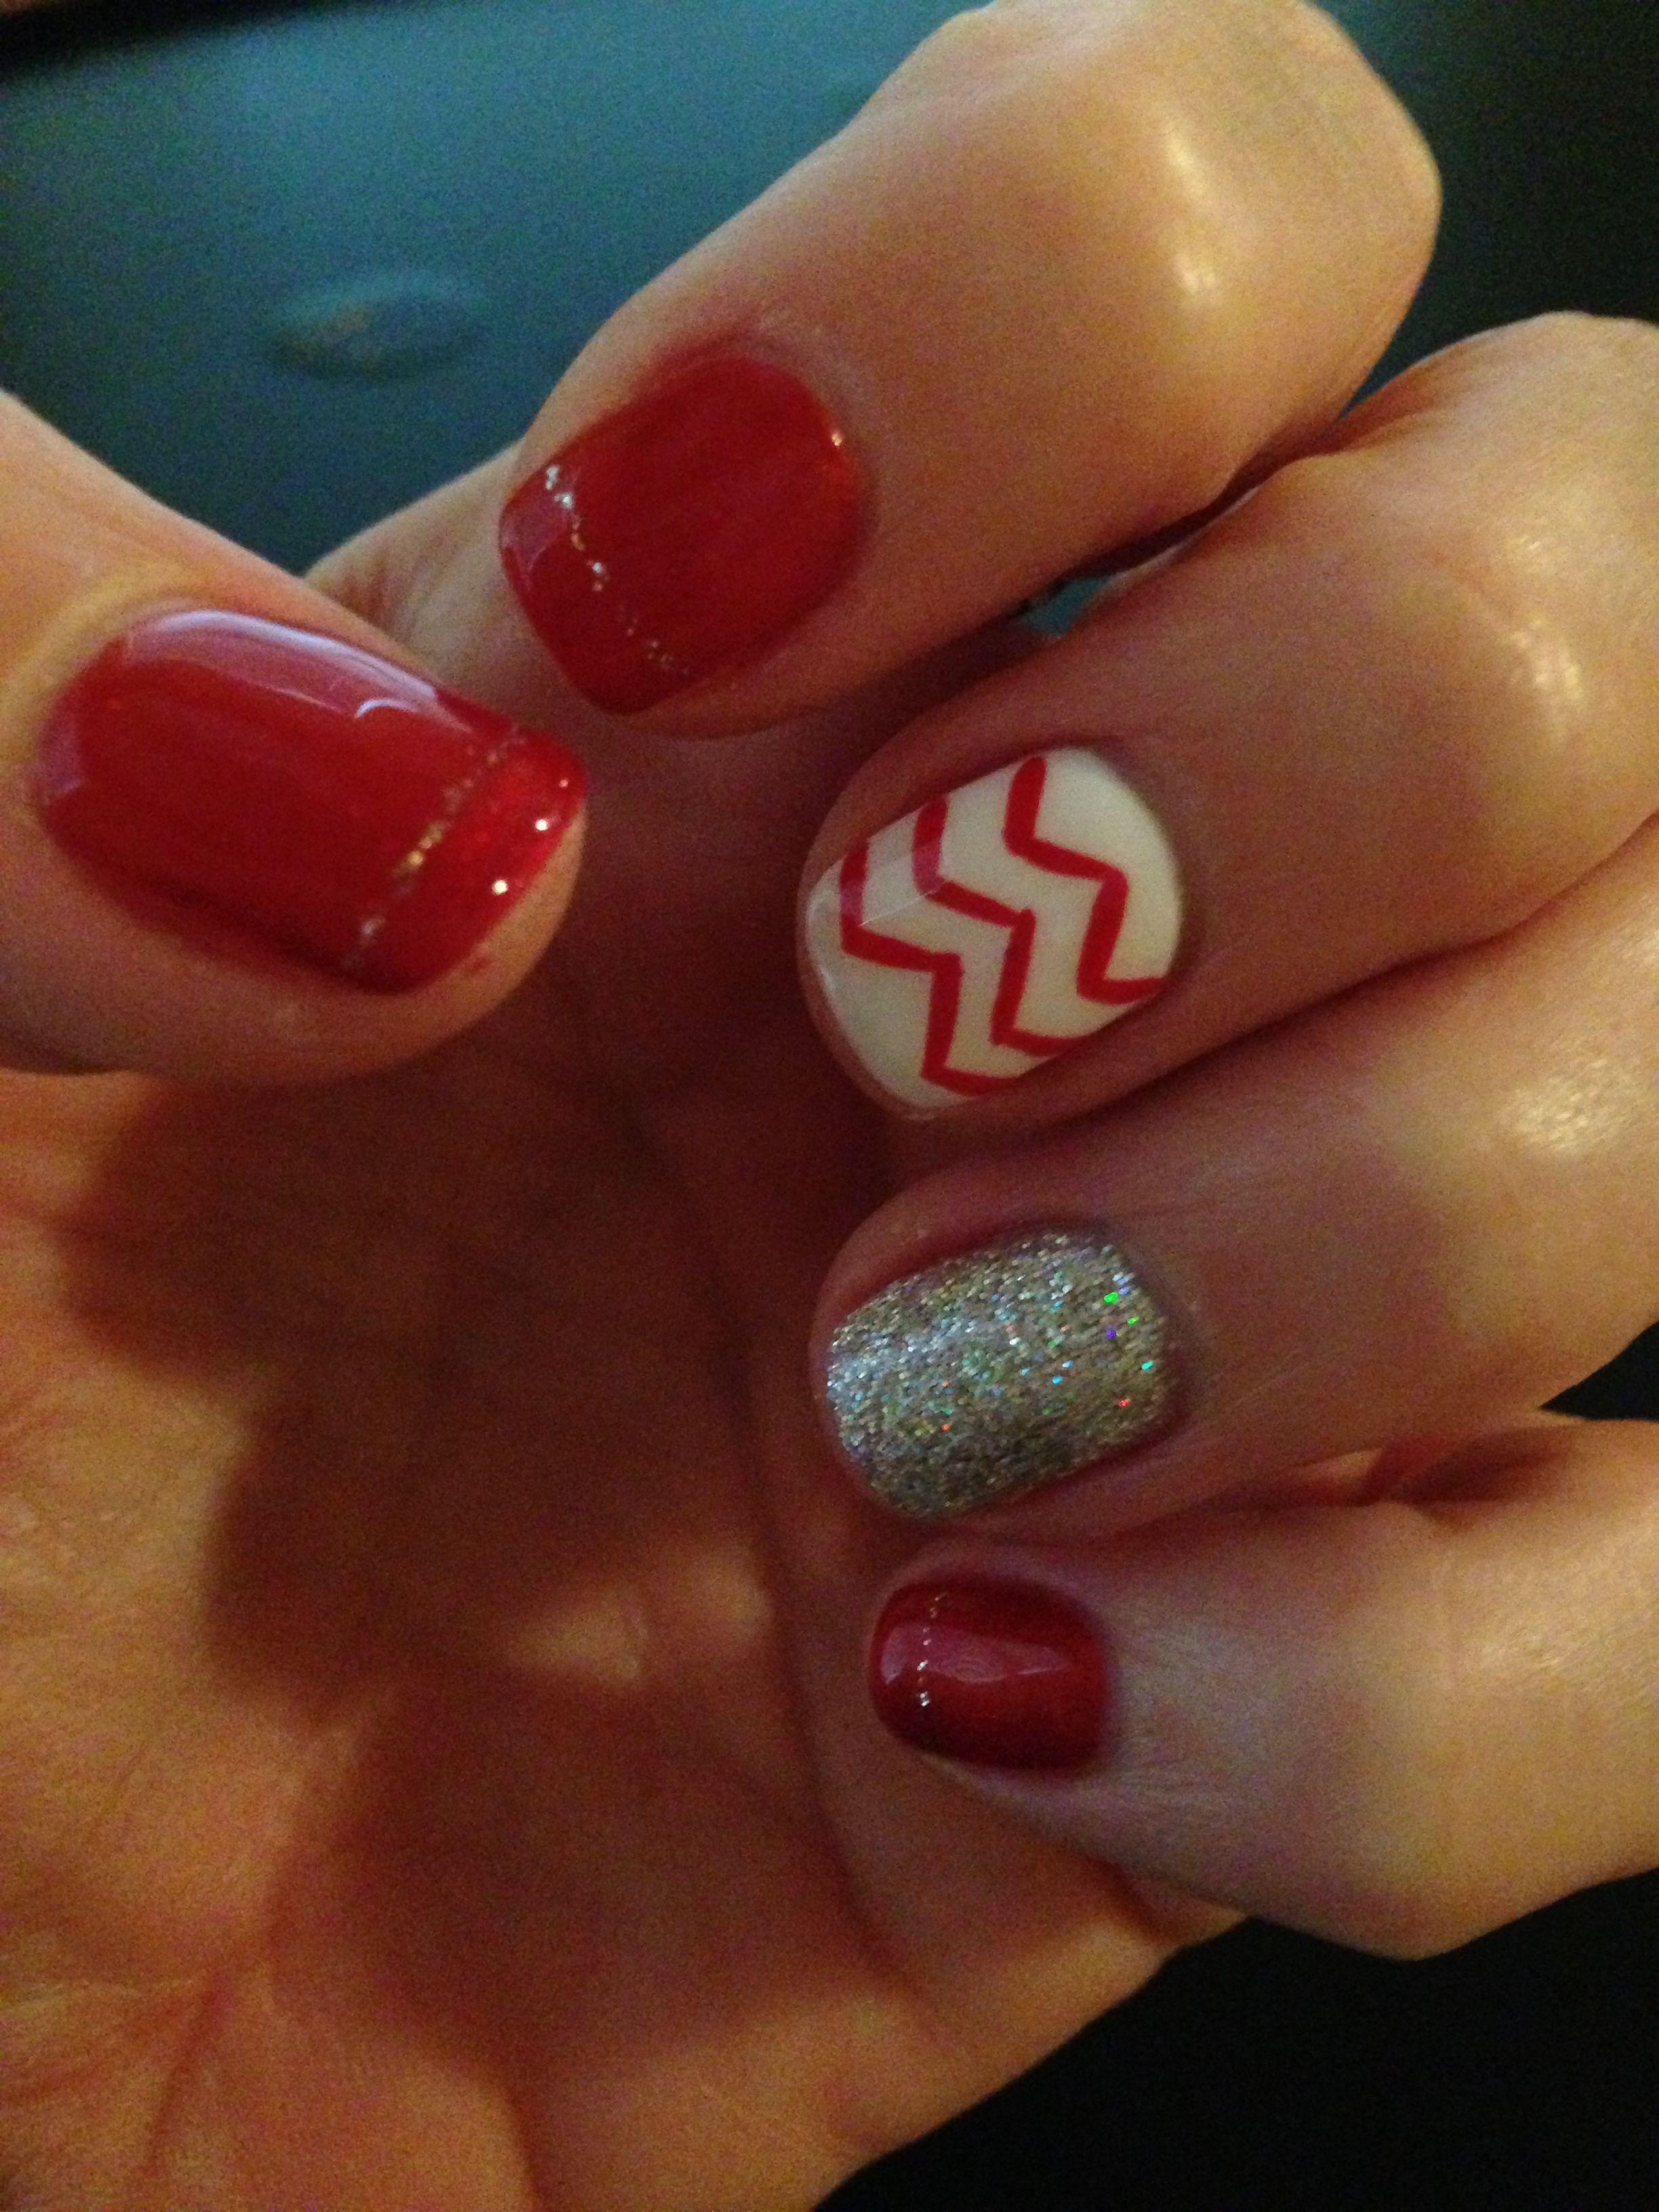 Husker nails | Hair and Nails | Pinterest | Makeup, Hair makeup and ...